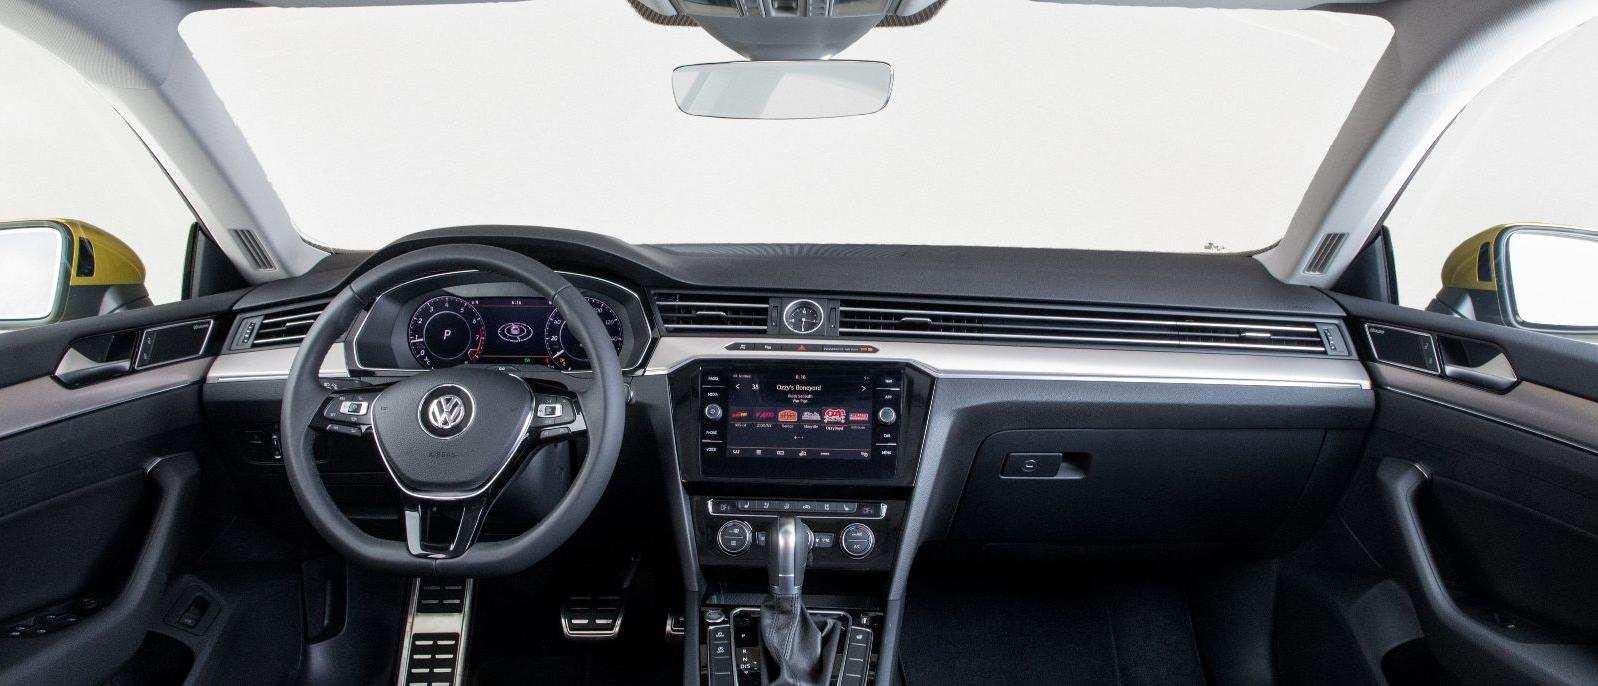 94 The 2019 Volkswagen Arteon Specs Performance and New Engine by 2019 Volkswagen Arteon Specs